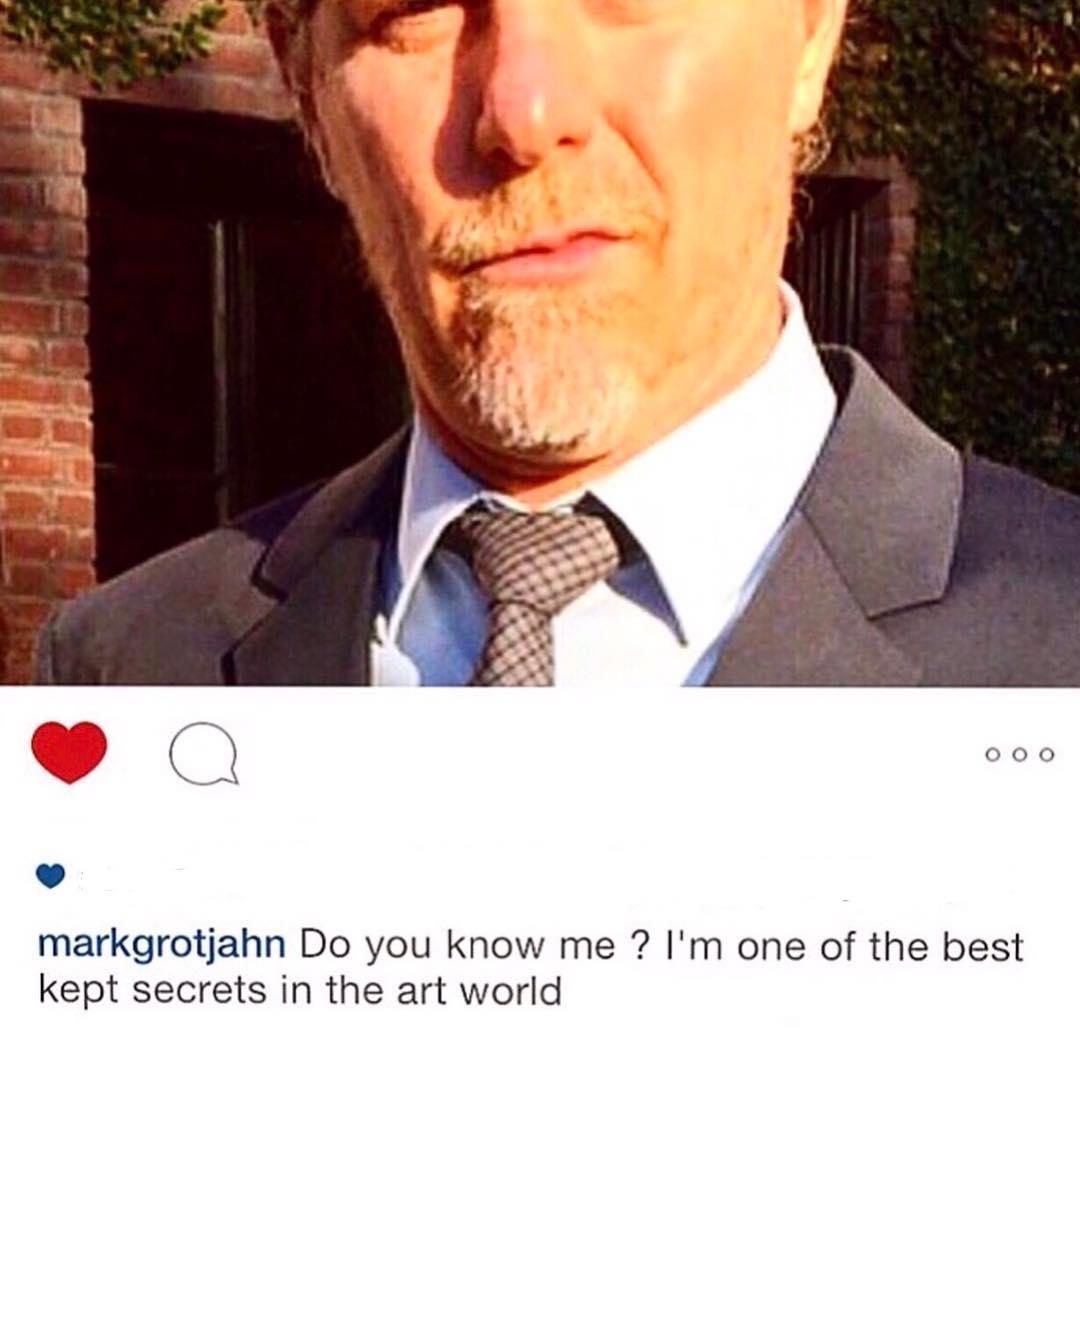 隨後也更新一張Mark Grotjahn 的IG截圖照片,而這兩篇文也湧進了大批粉絲留言,紛紛表示自己對偶像T.O.P的思念之情。